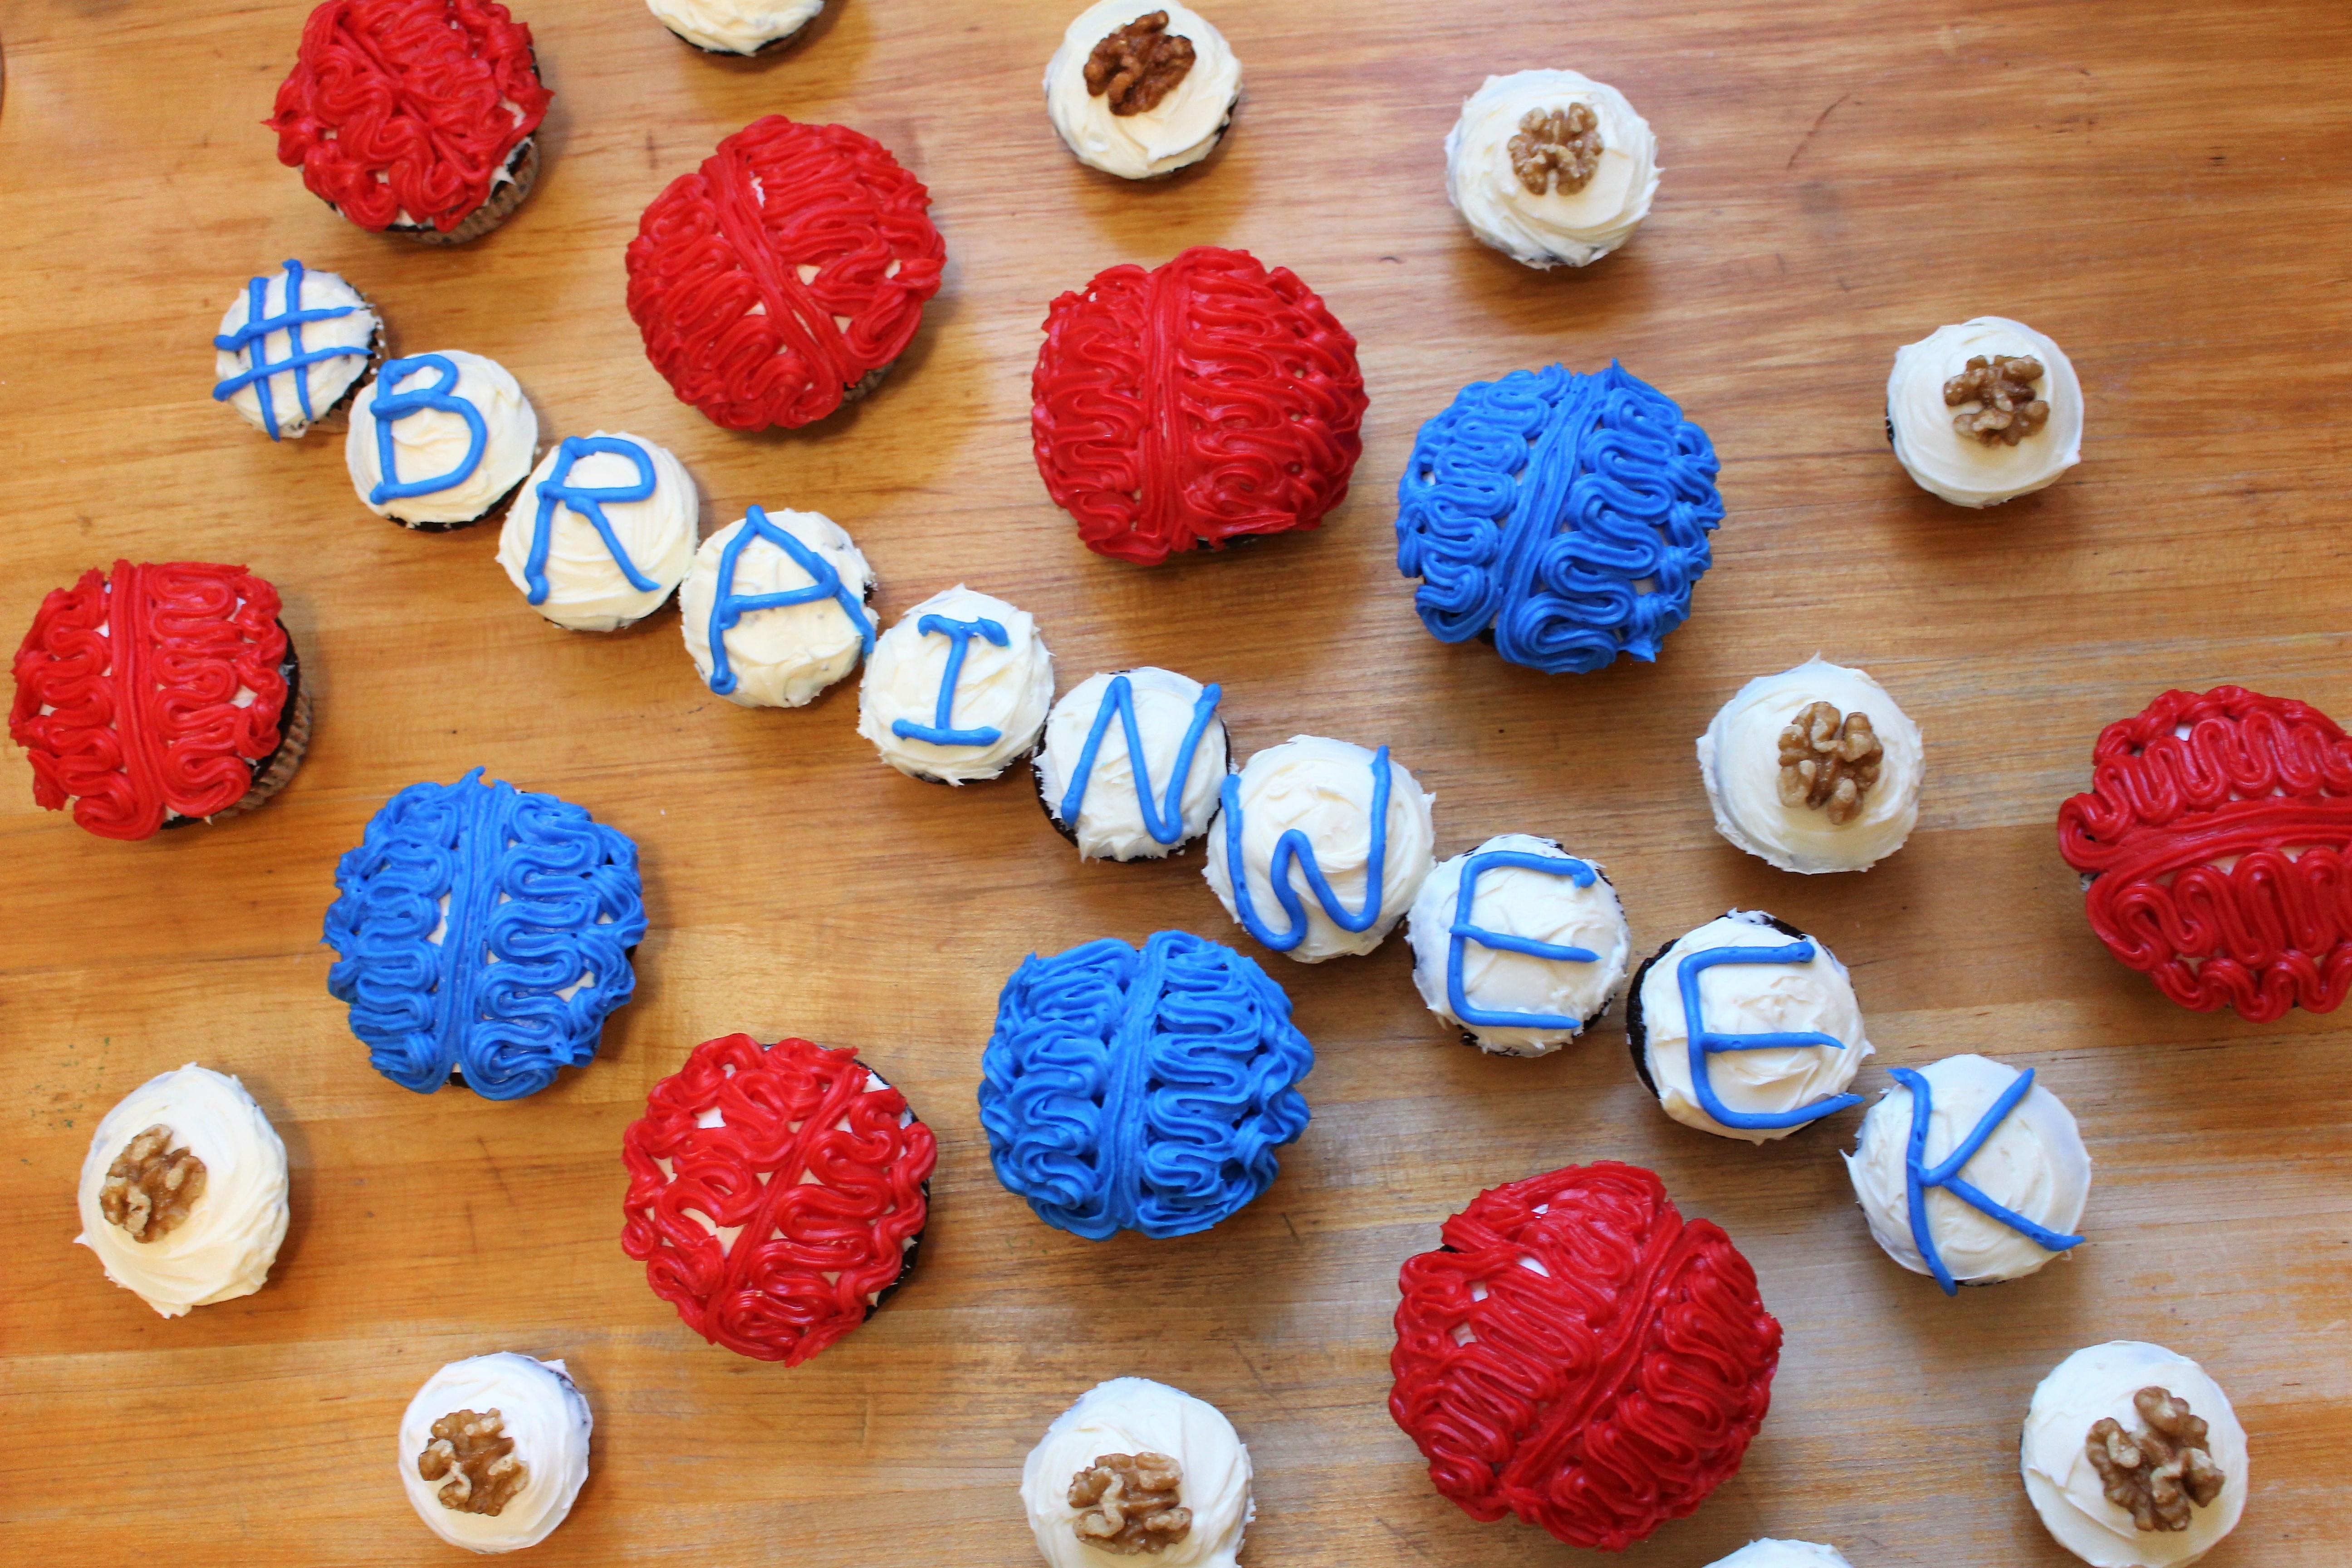 Spelling Brainweek in cupcakes